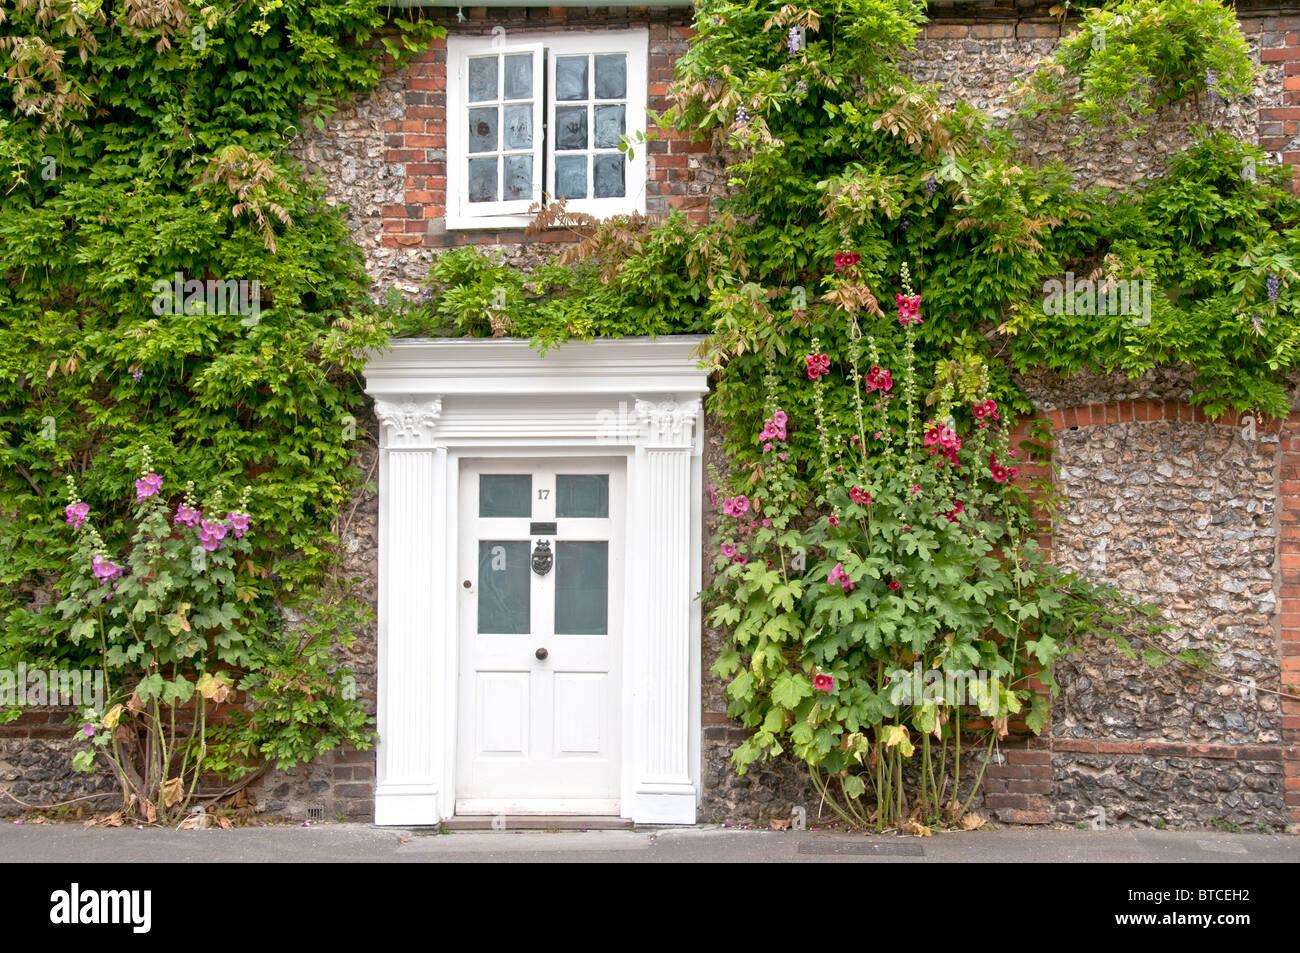 Front door of an old house in Oxfordshire; Eingangstür eines alten englischen Hauses Stock Photo